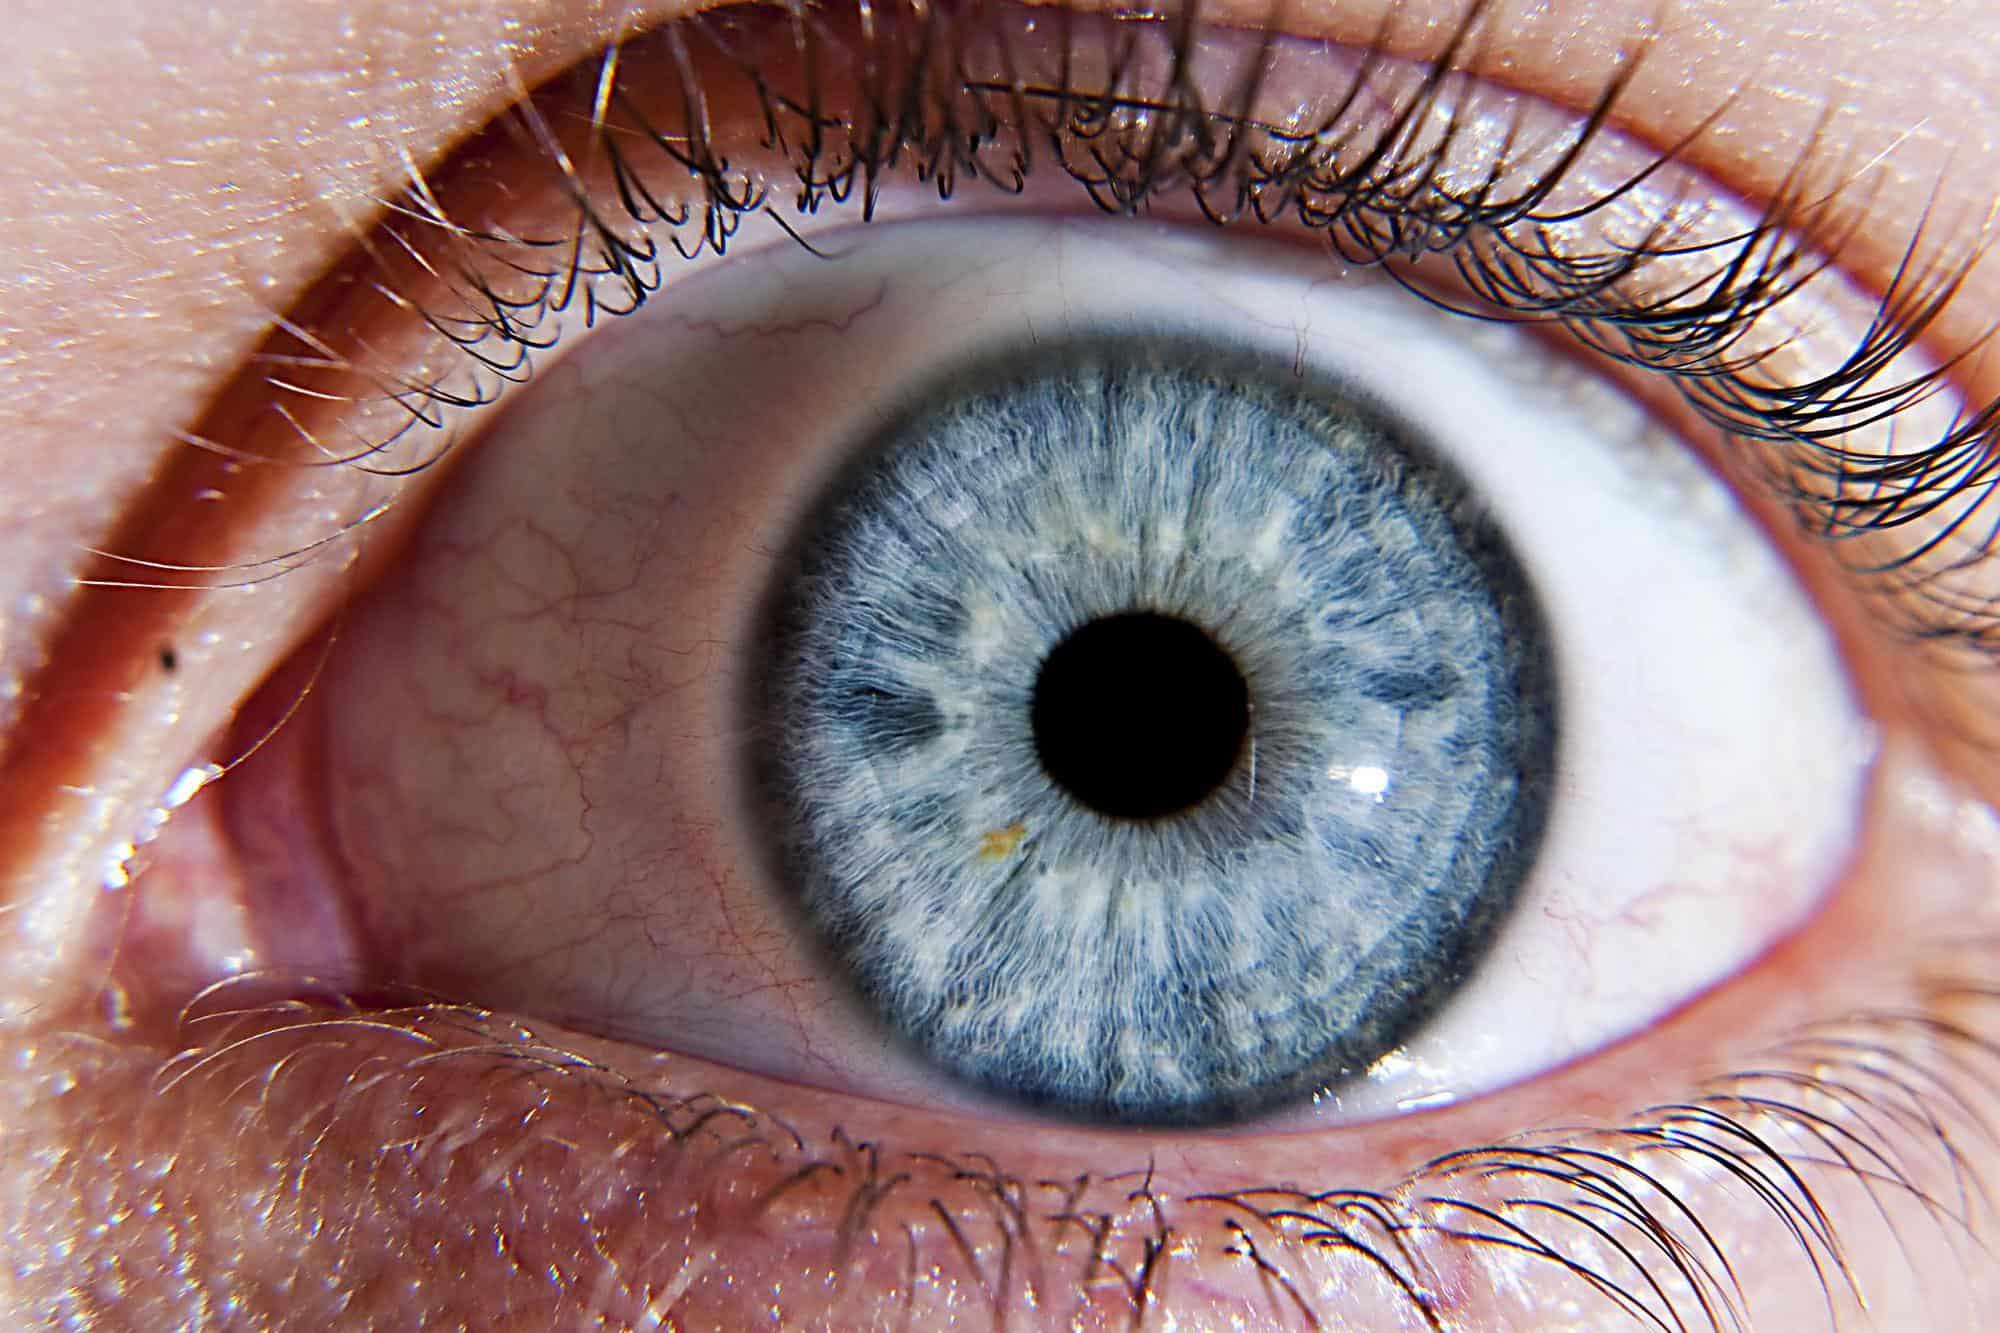 أعراض العين القويه